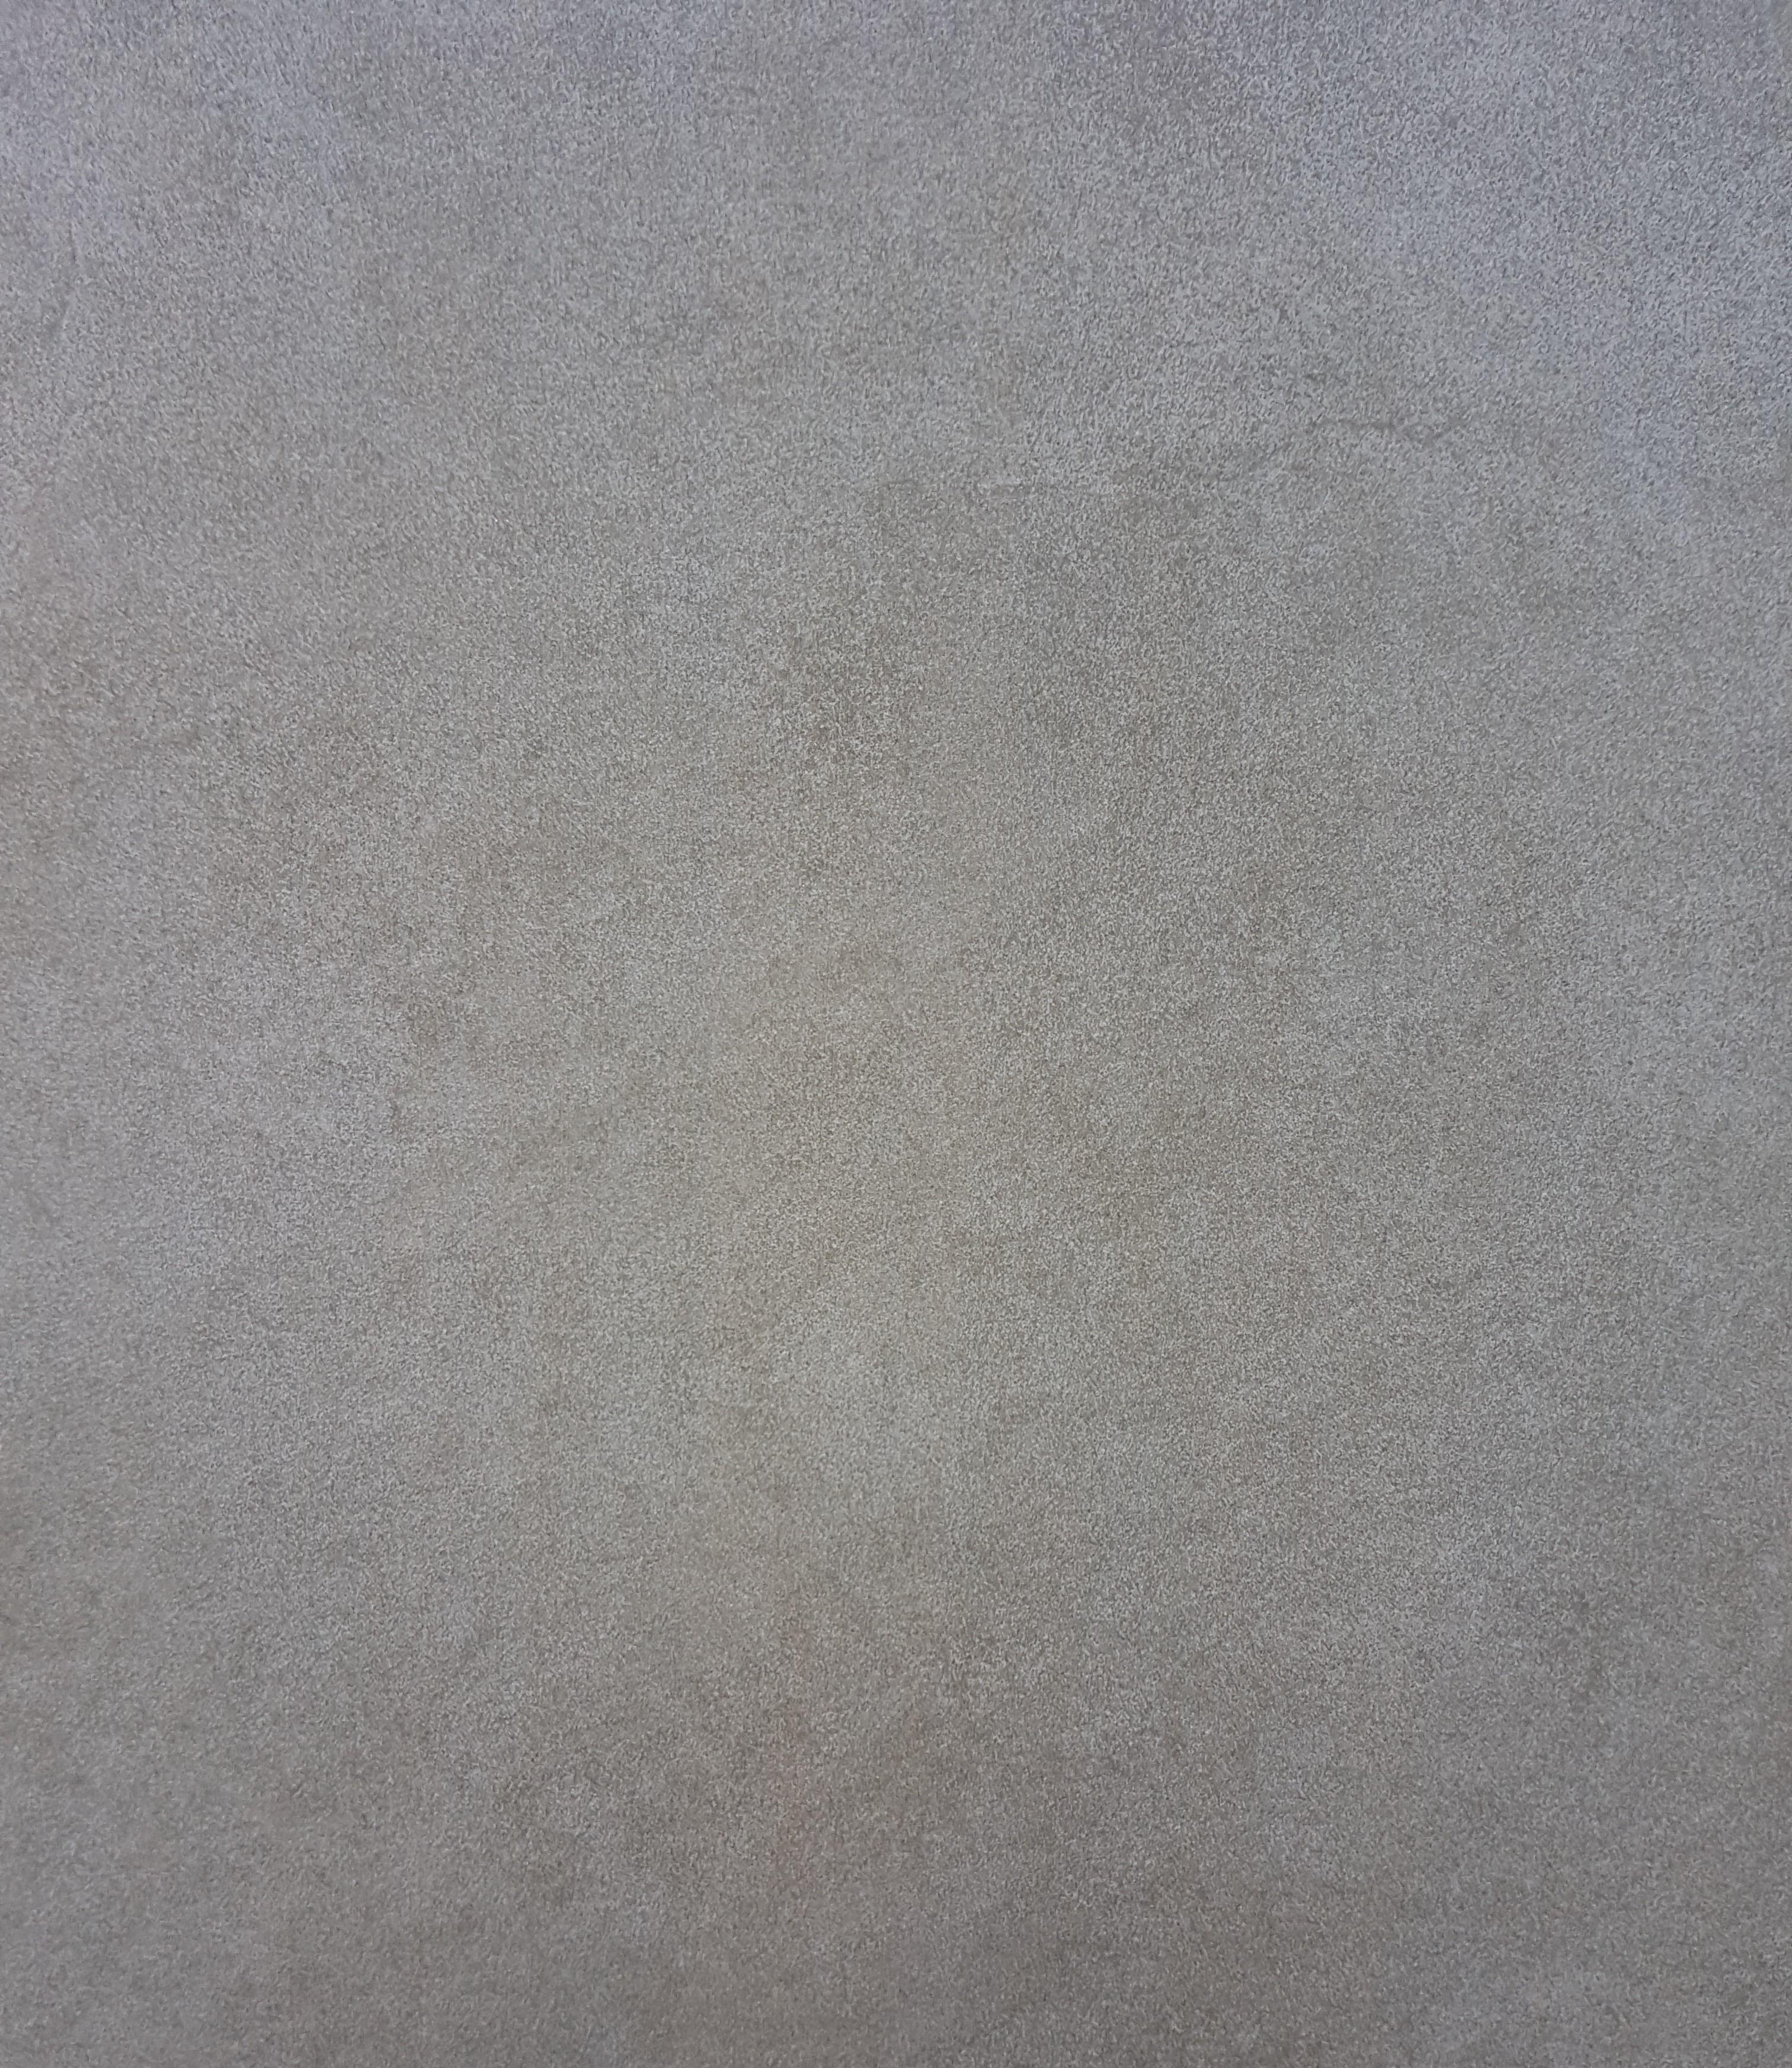 Agrob Buchtal Valley kieselgrau AB-052086 Terrassenplatten 60x60 strukturiert, vergütet R11/B